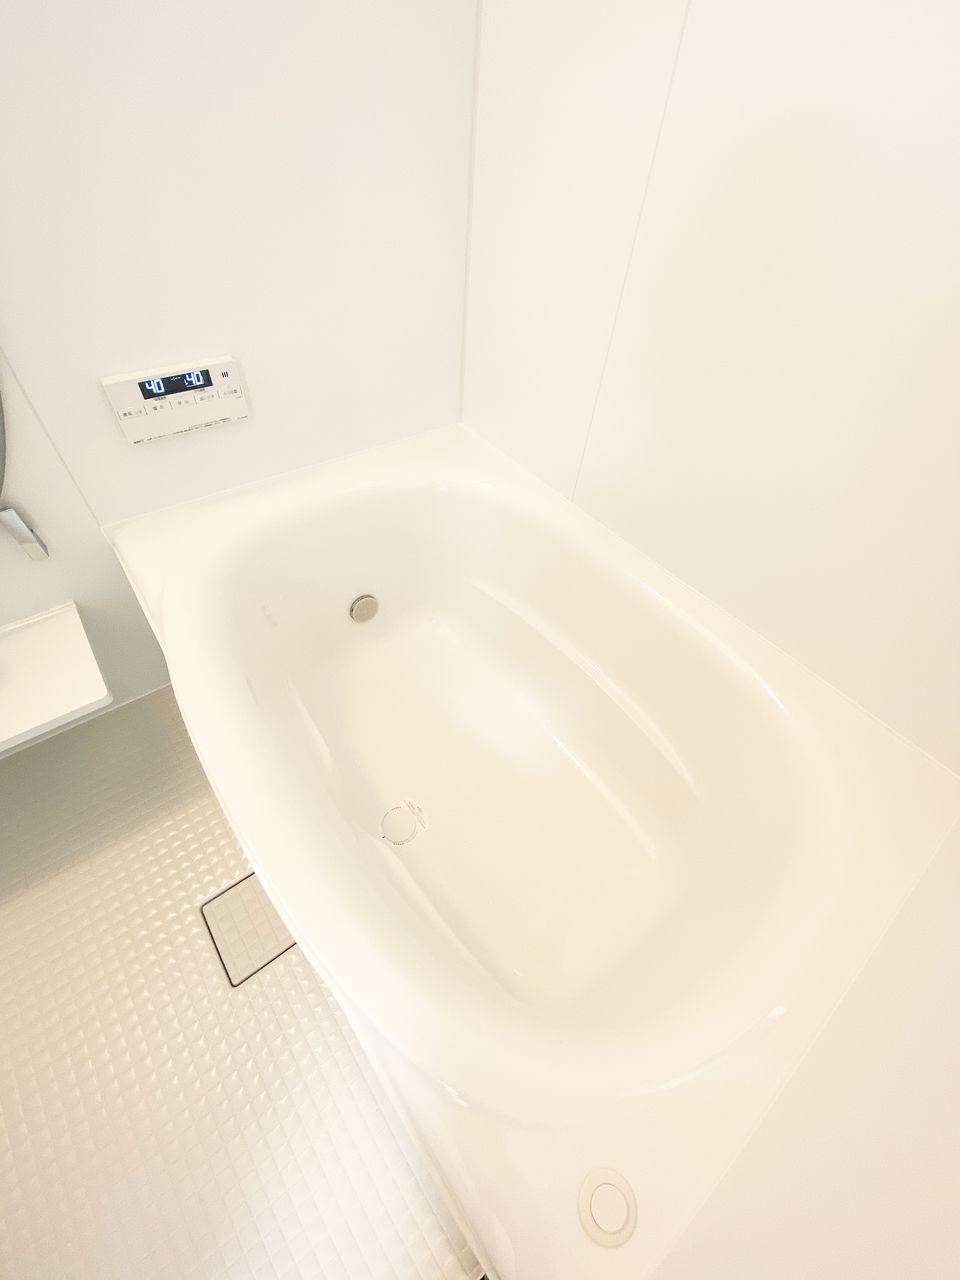 浴槽の上縁を極限まで広げて、湯面の広がりと入浴時の解放感が感じられ、角の少ないやわらかな曲線で快適な入浴姿勢ができる浴槽です。